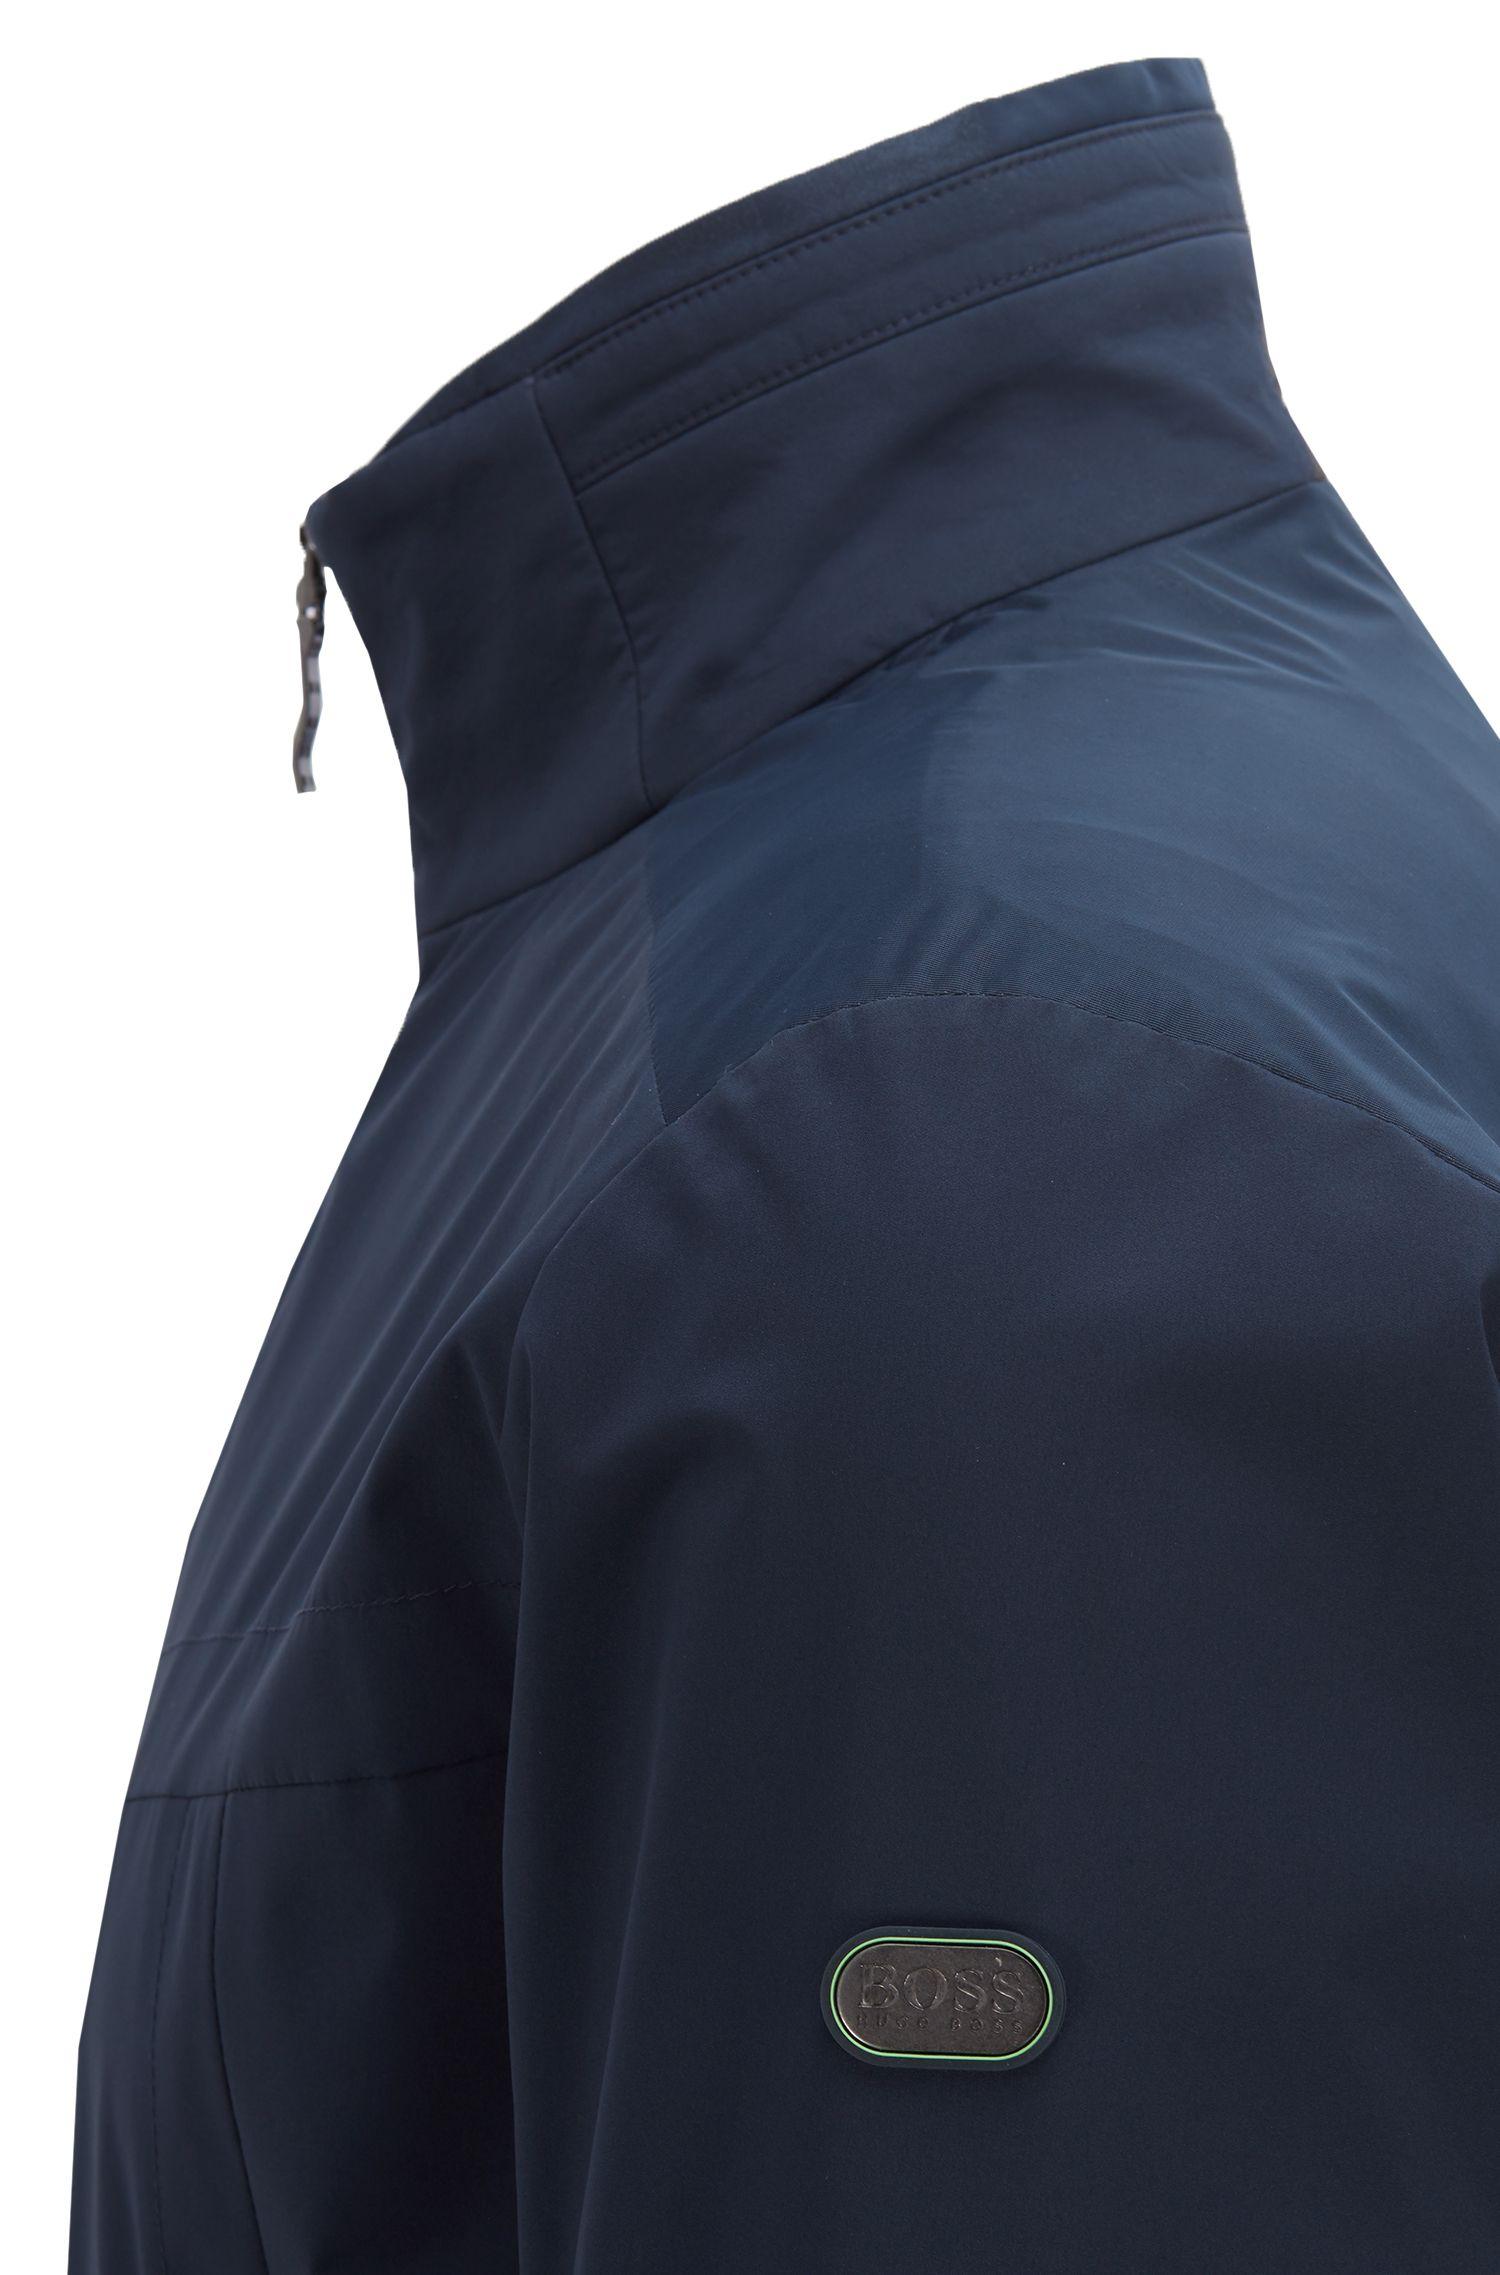 Giacca impermeabile in tessuto laminato a due strati morbido al tatto, Blu scuro